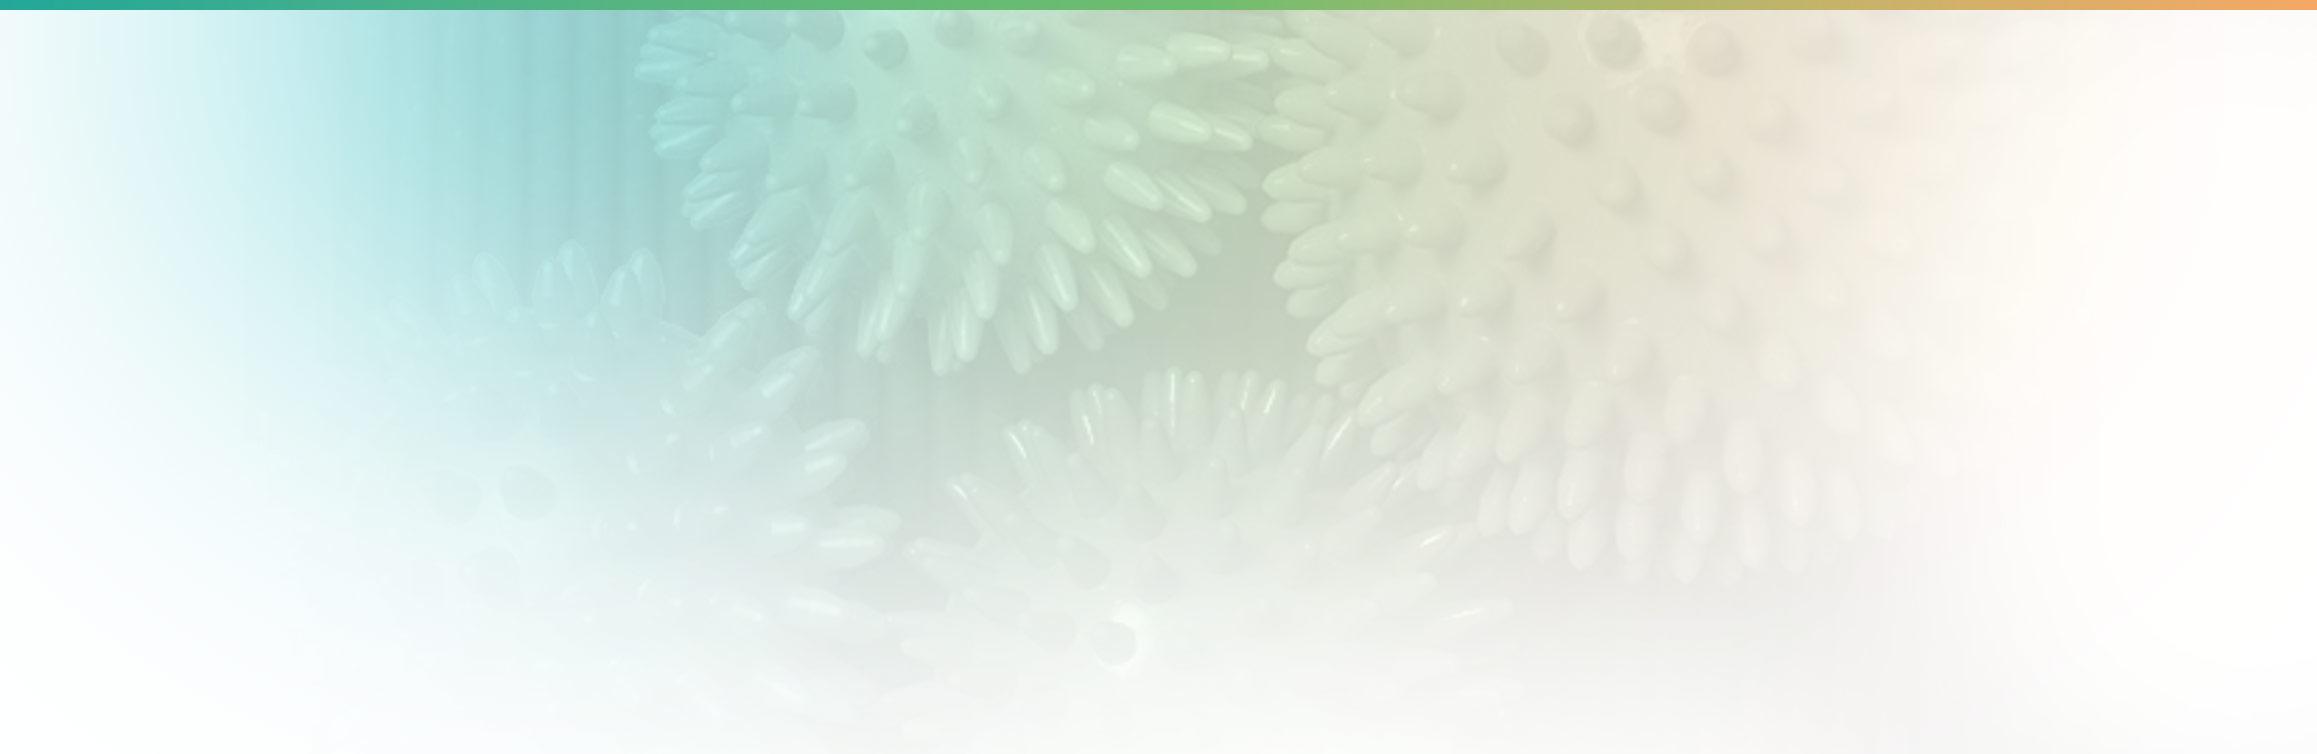 background_kontakt